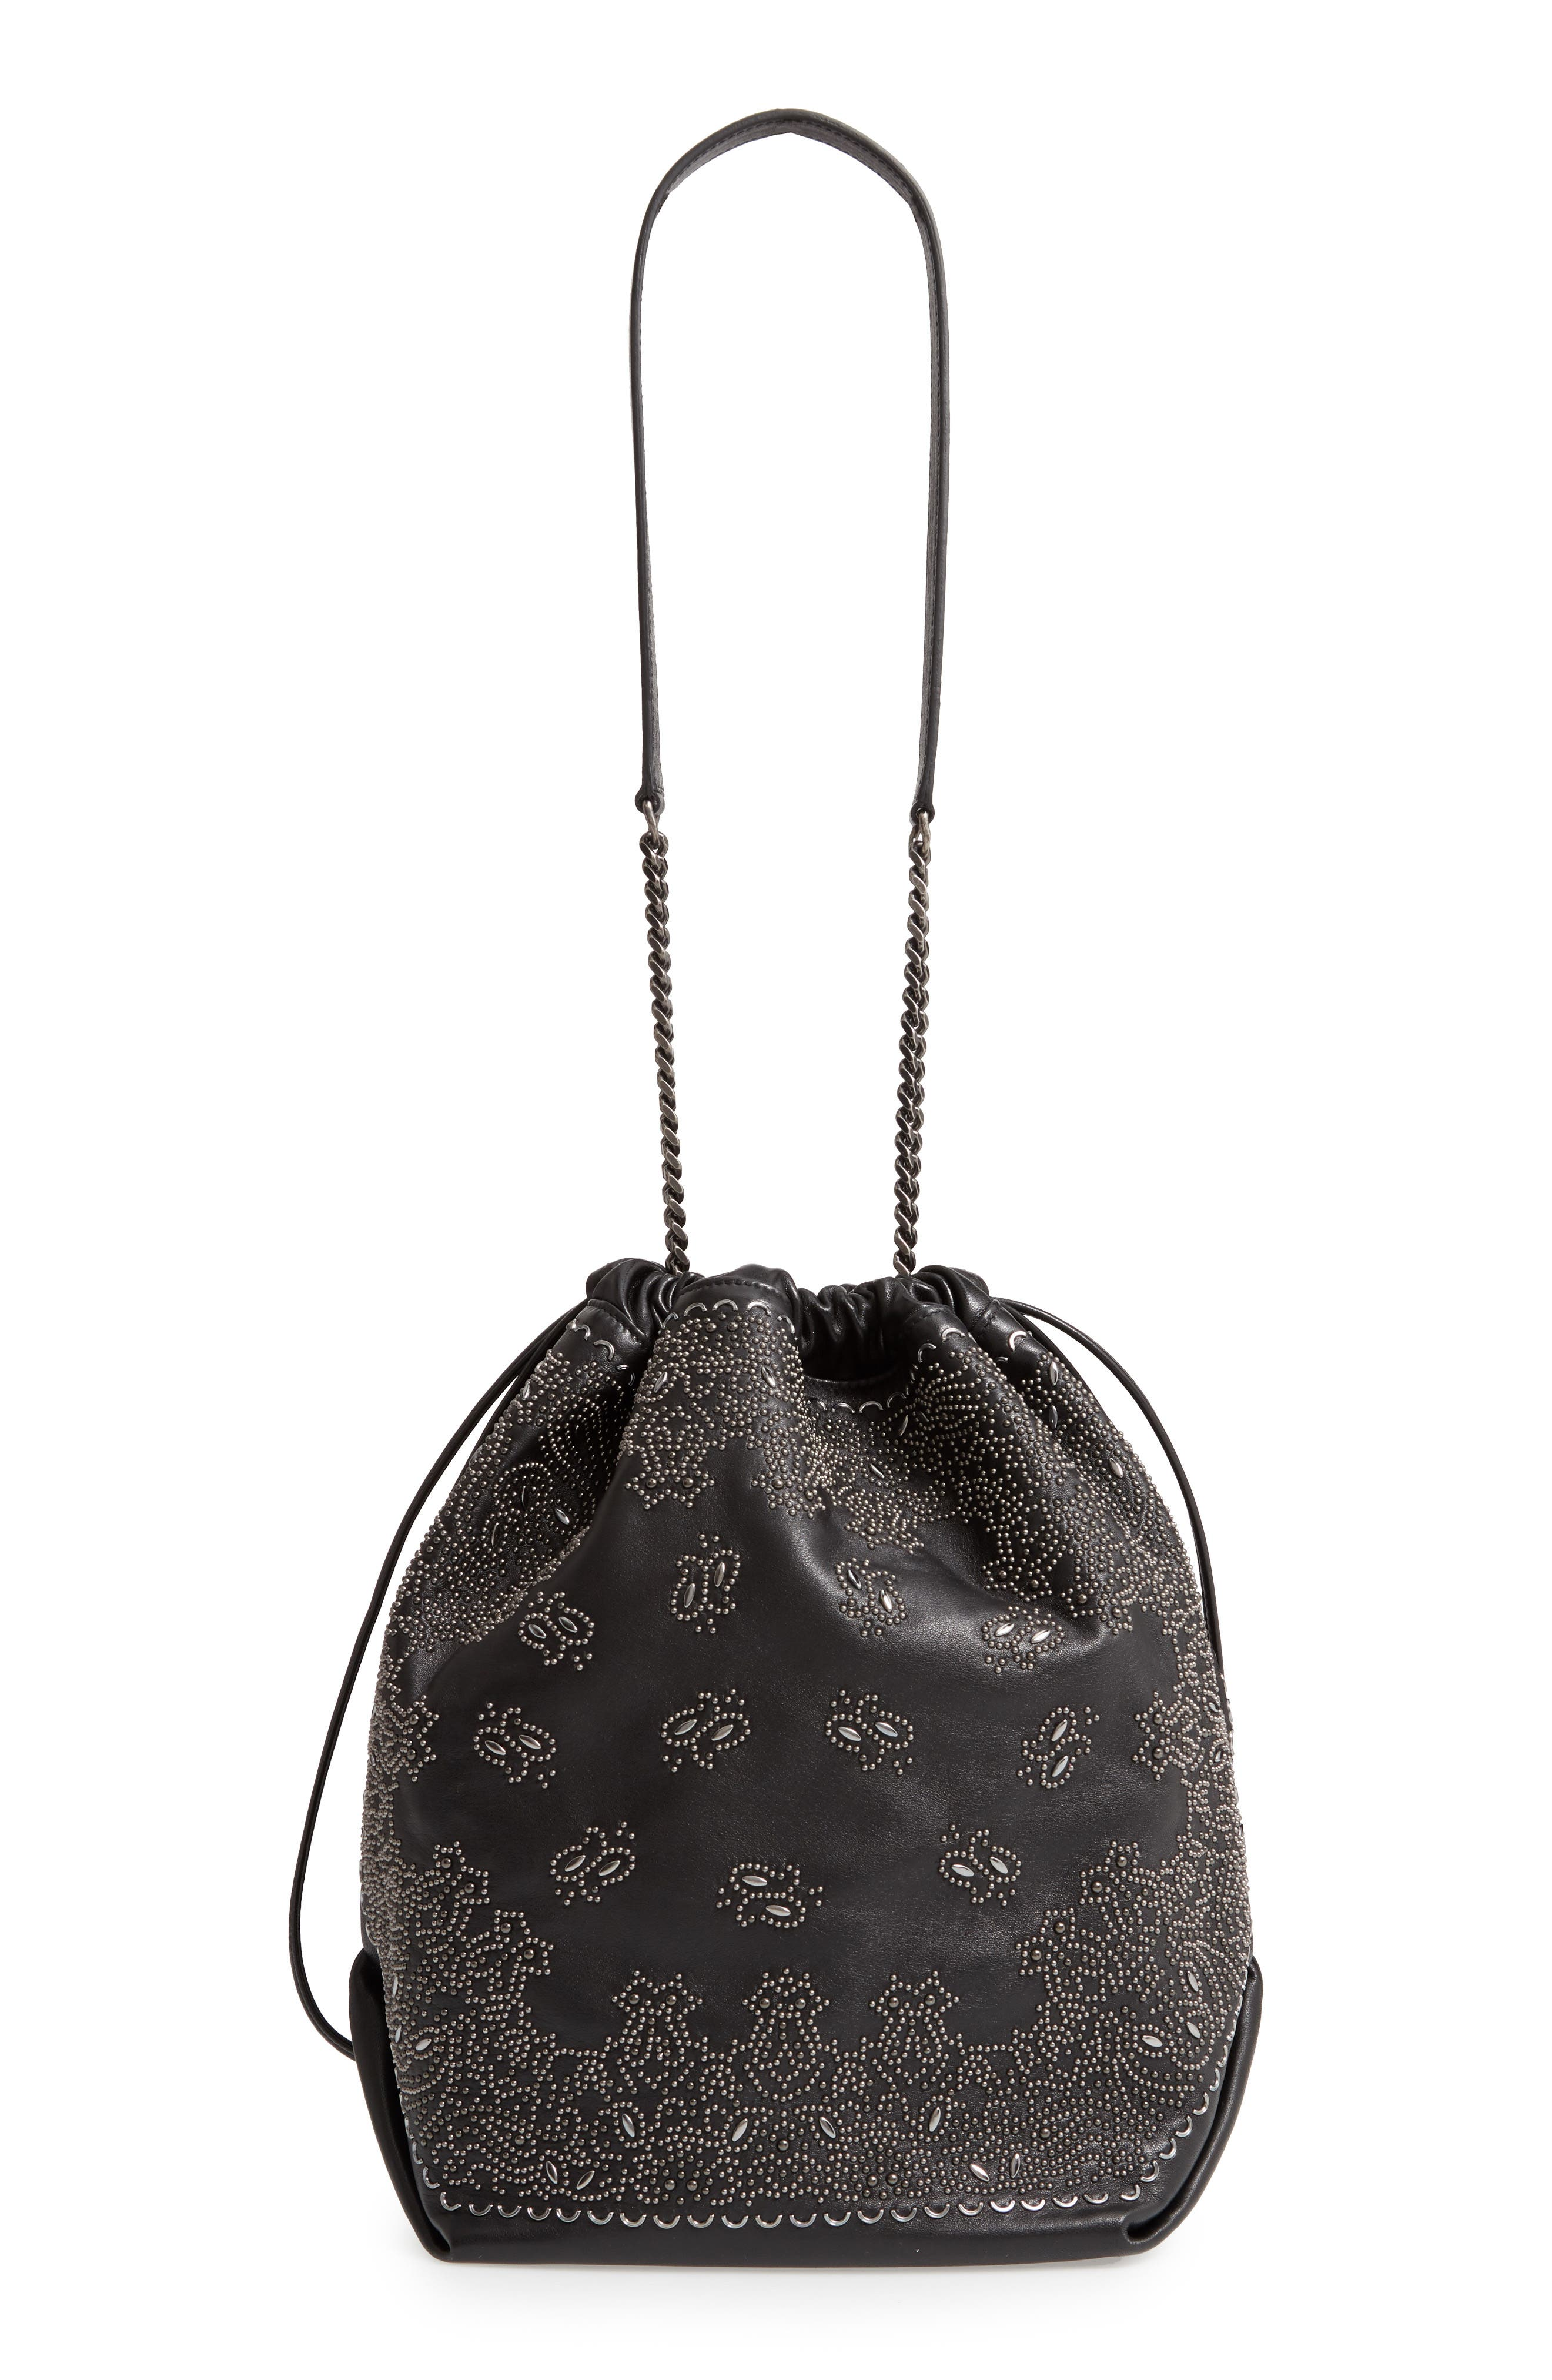 Teddy Bandana Studded Leather Bucket Bag,                             Alternate thumbnail 3, color,                             NOIR